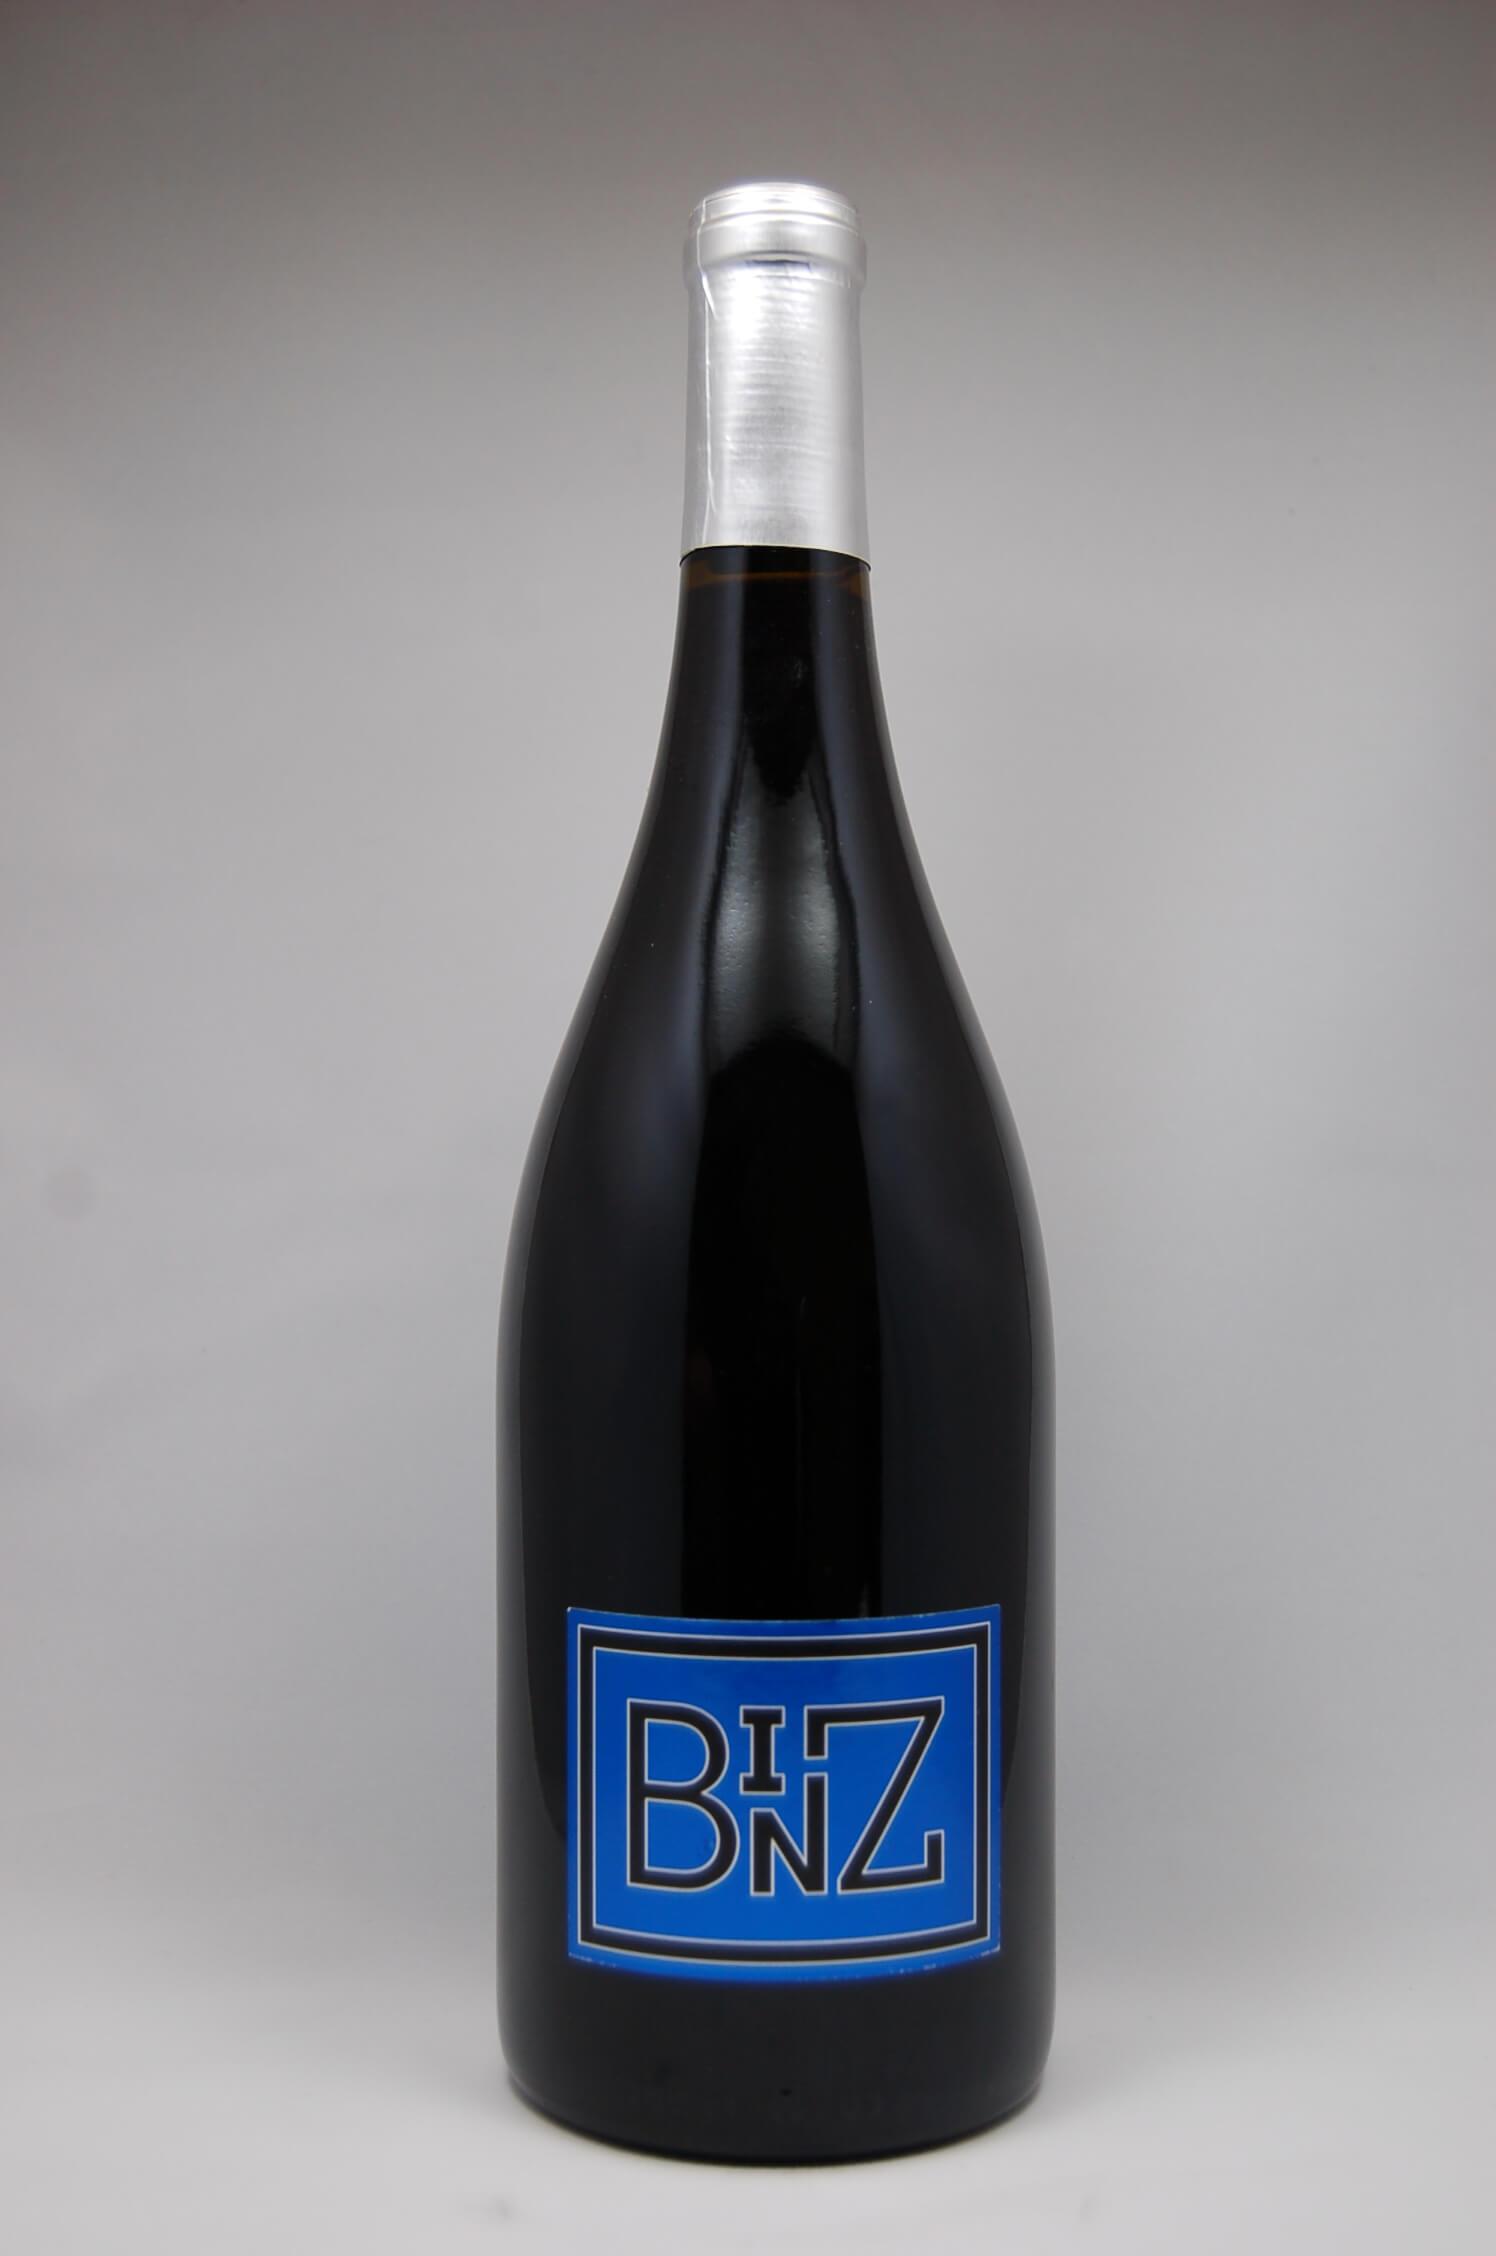 Binz Grenache 2013